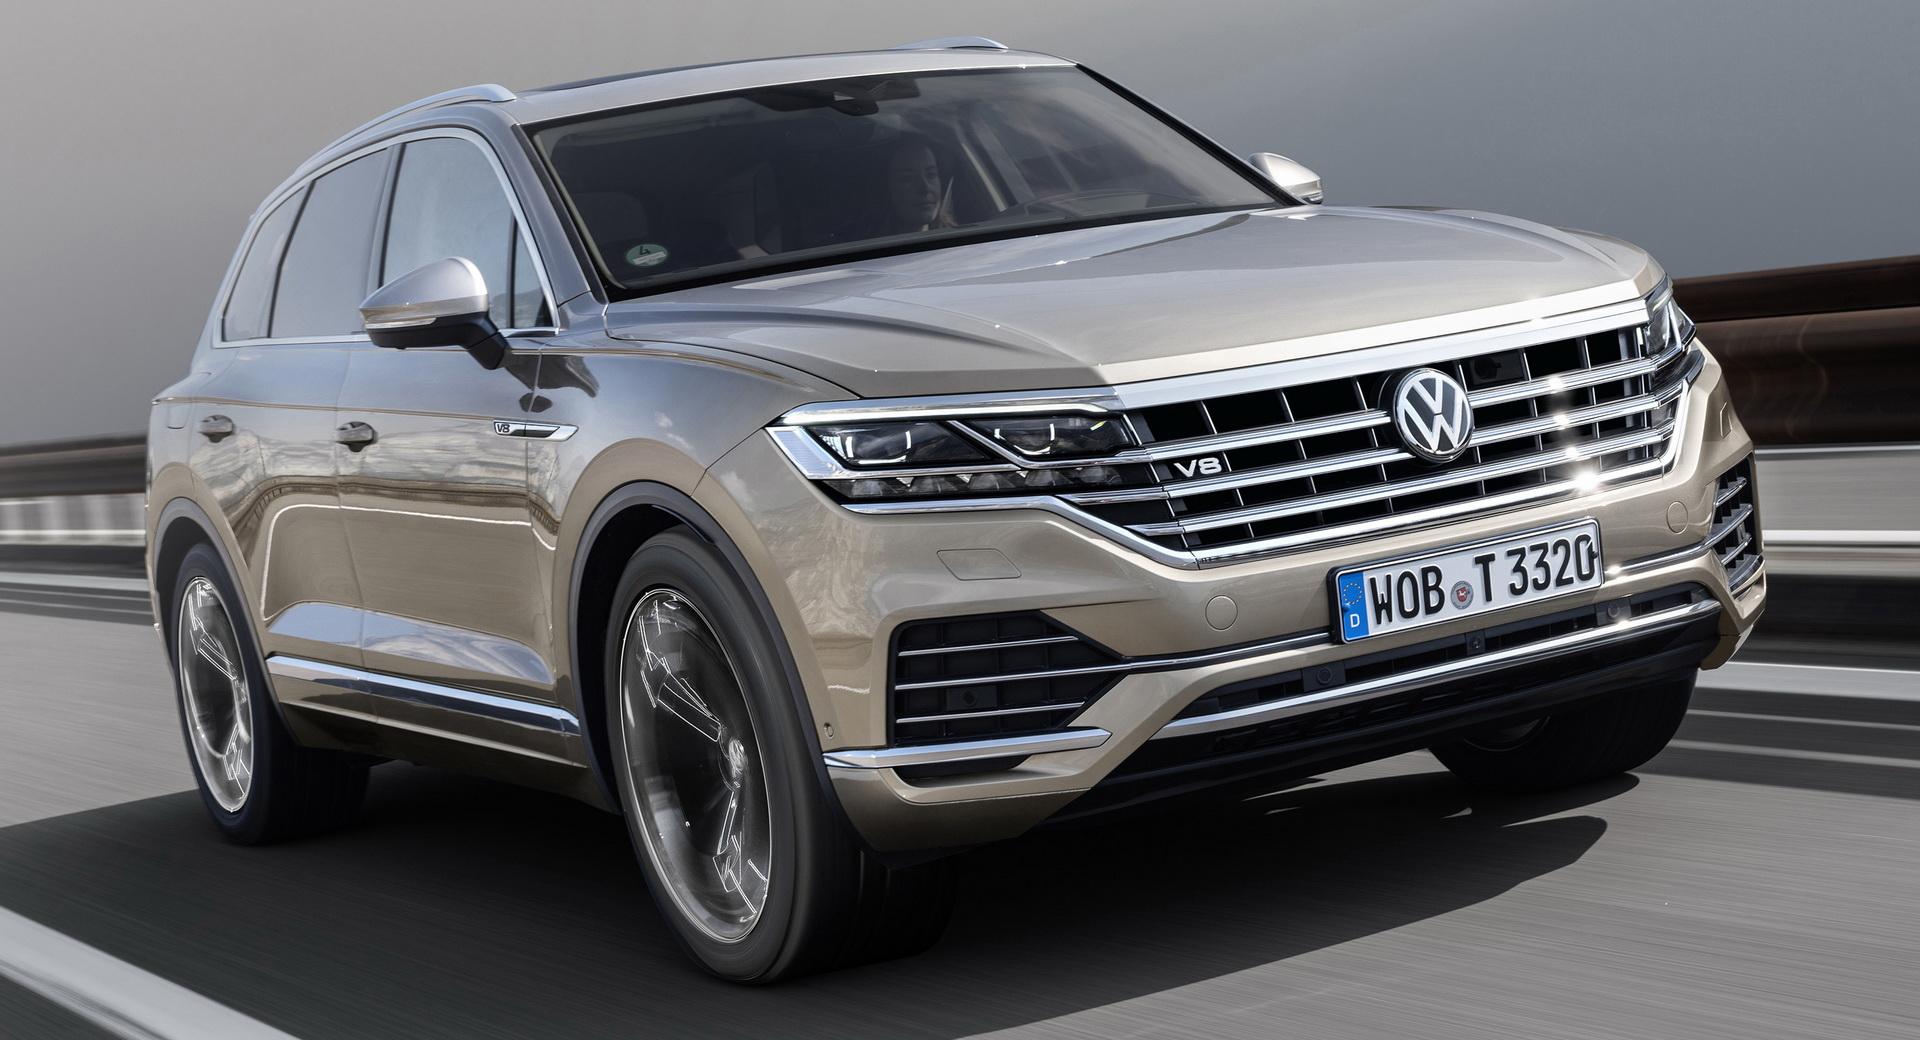 VW Touareg V8 TDI passou testes de emissões. E sem truques!